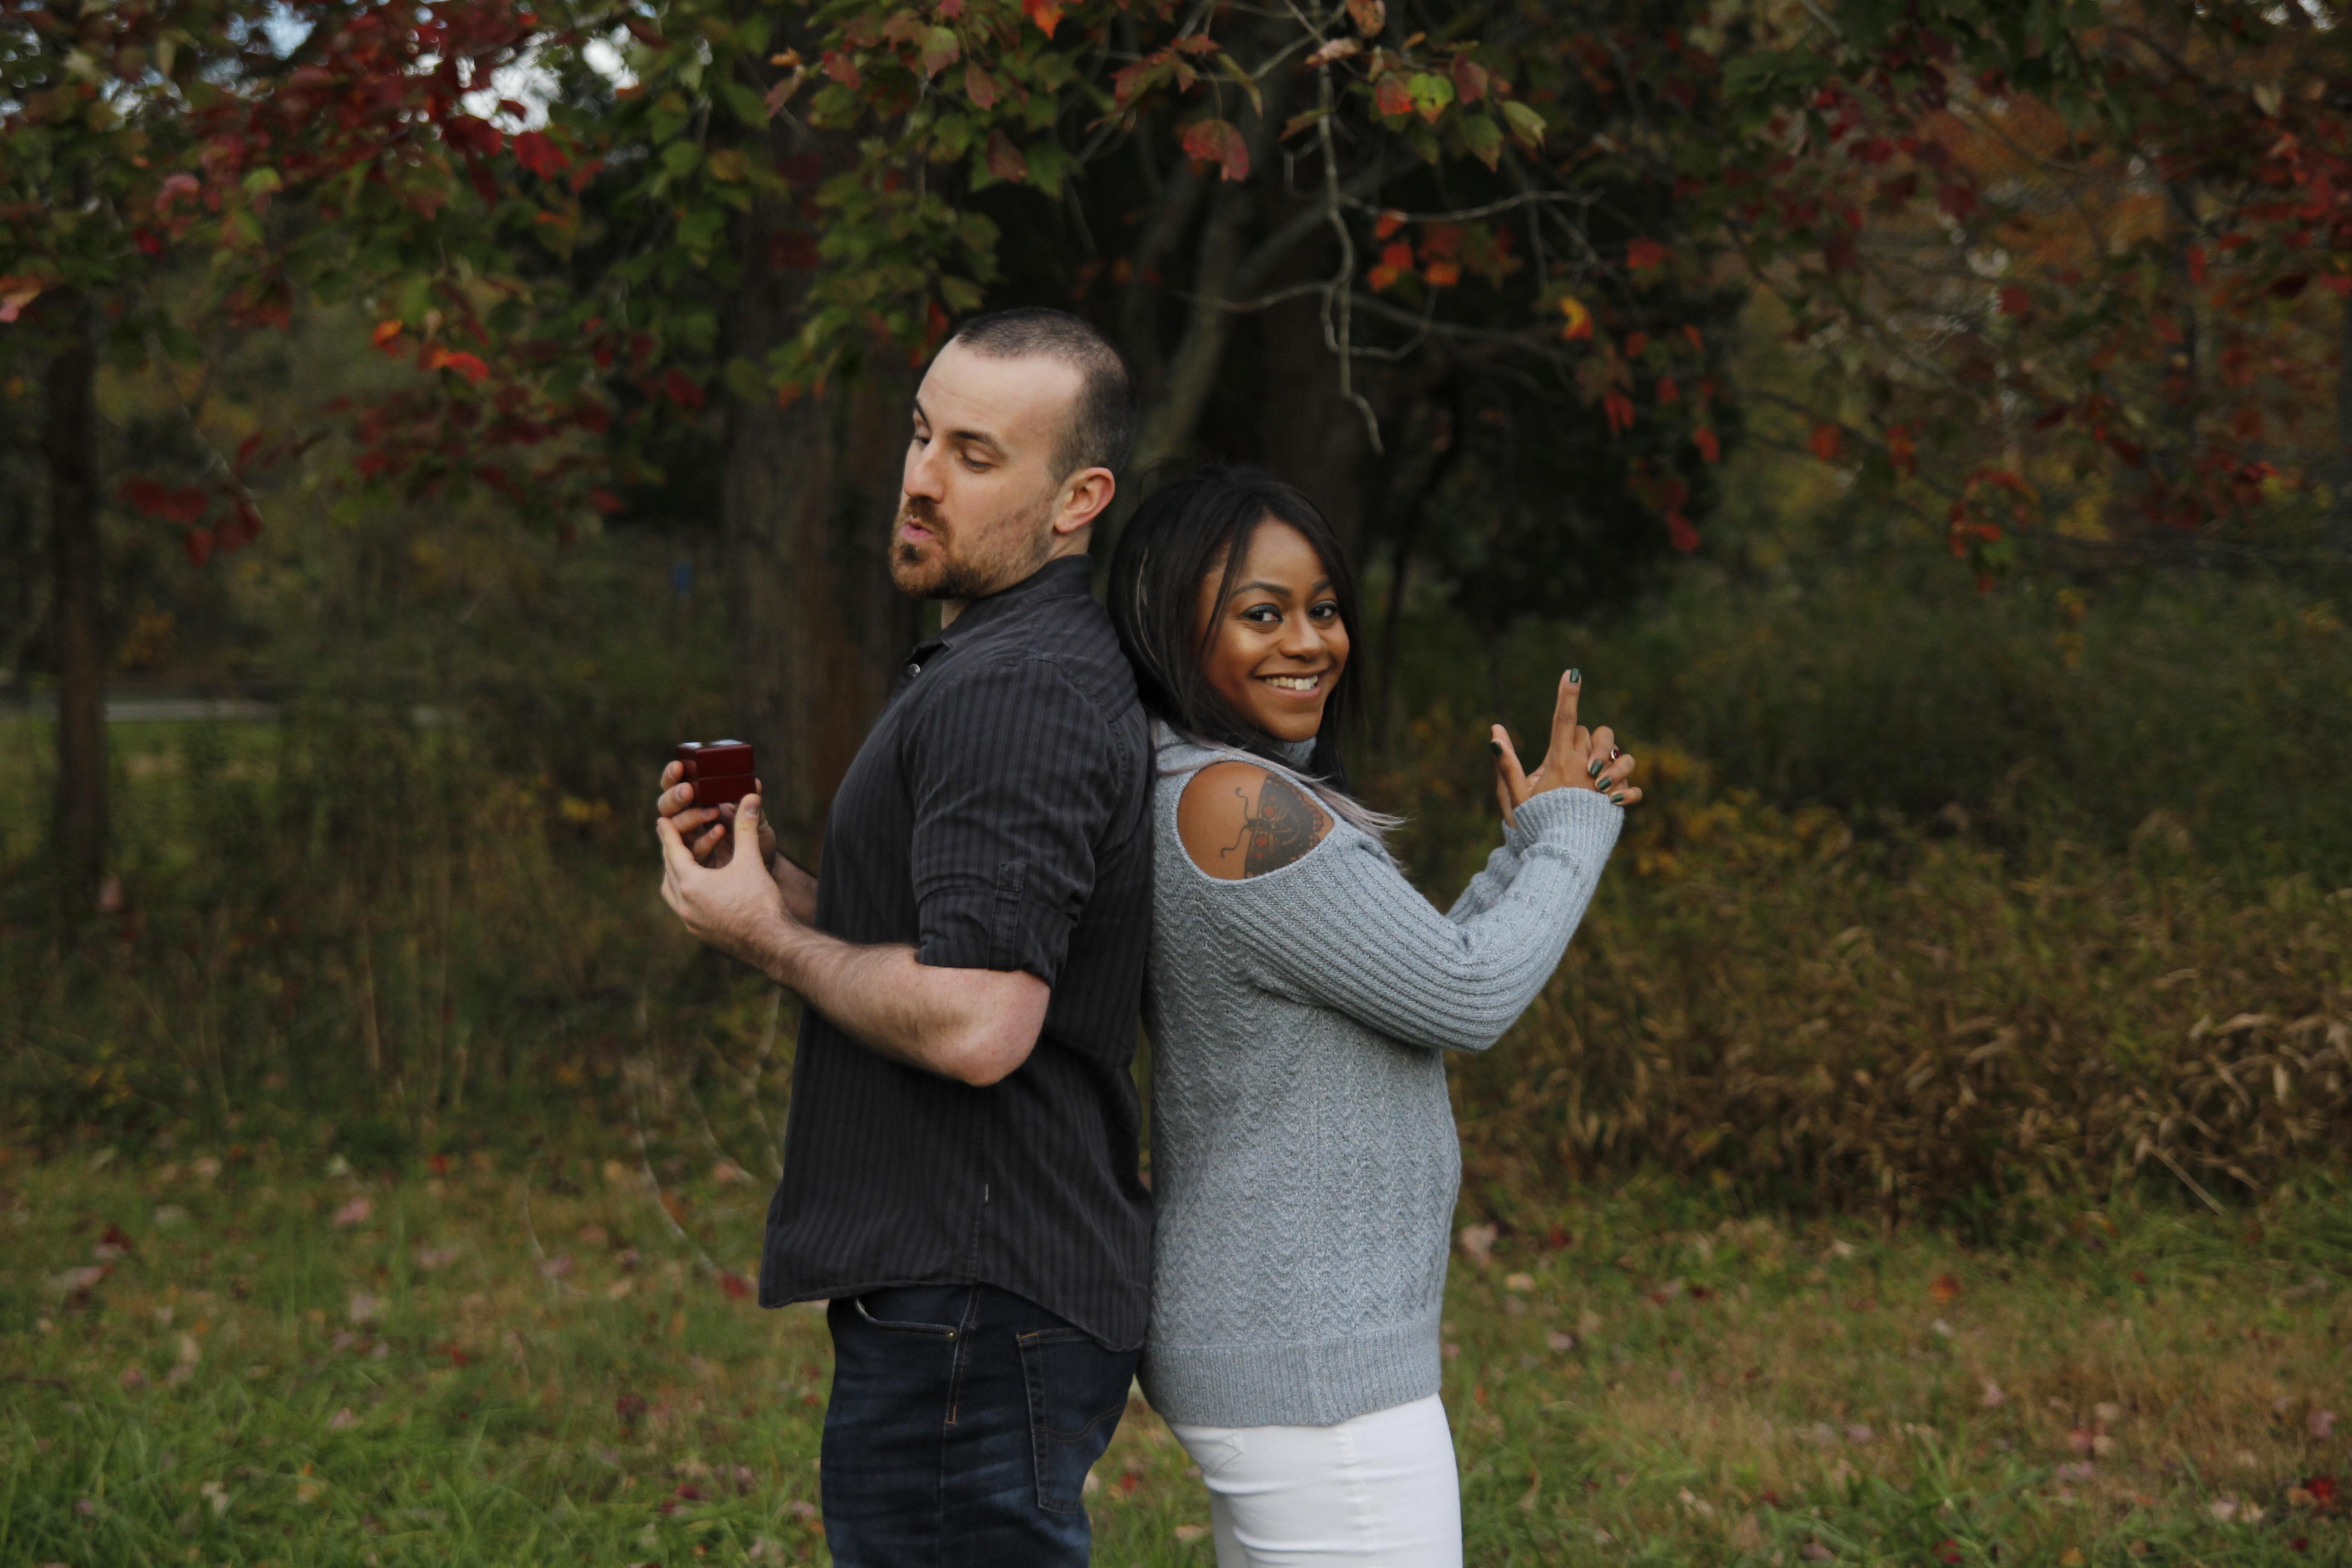 Image 3 of Jalisa and Jonathan